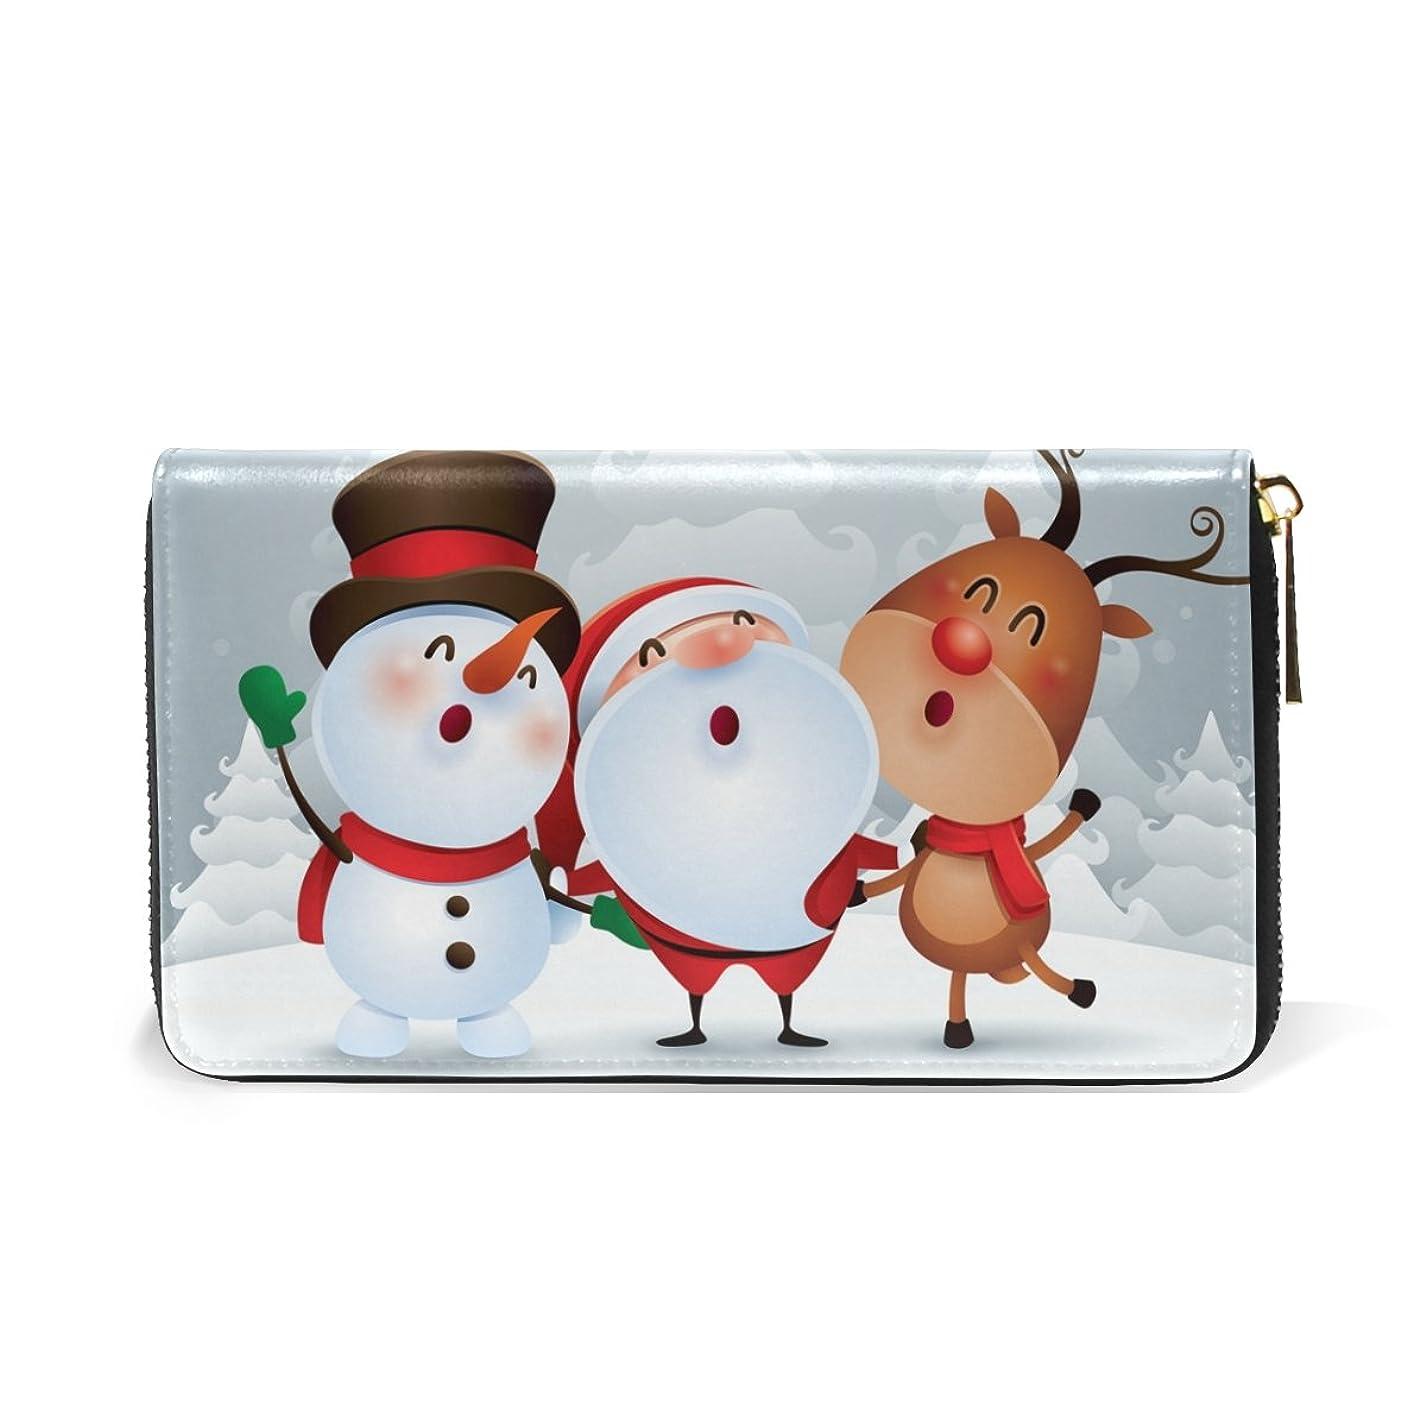 コーン特定のであるマキク(MAKIKU) 財布 レディース 長財布 本革 おしゃれ 大容量 ラウンドファスナー クリスマス かわいい 雪だるま サンタクロース カード12枚収納 プレゼント対応